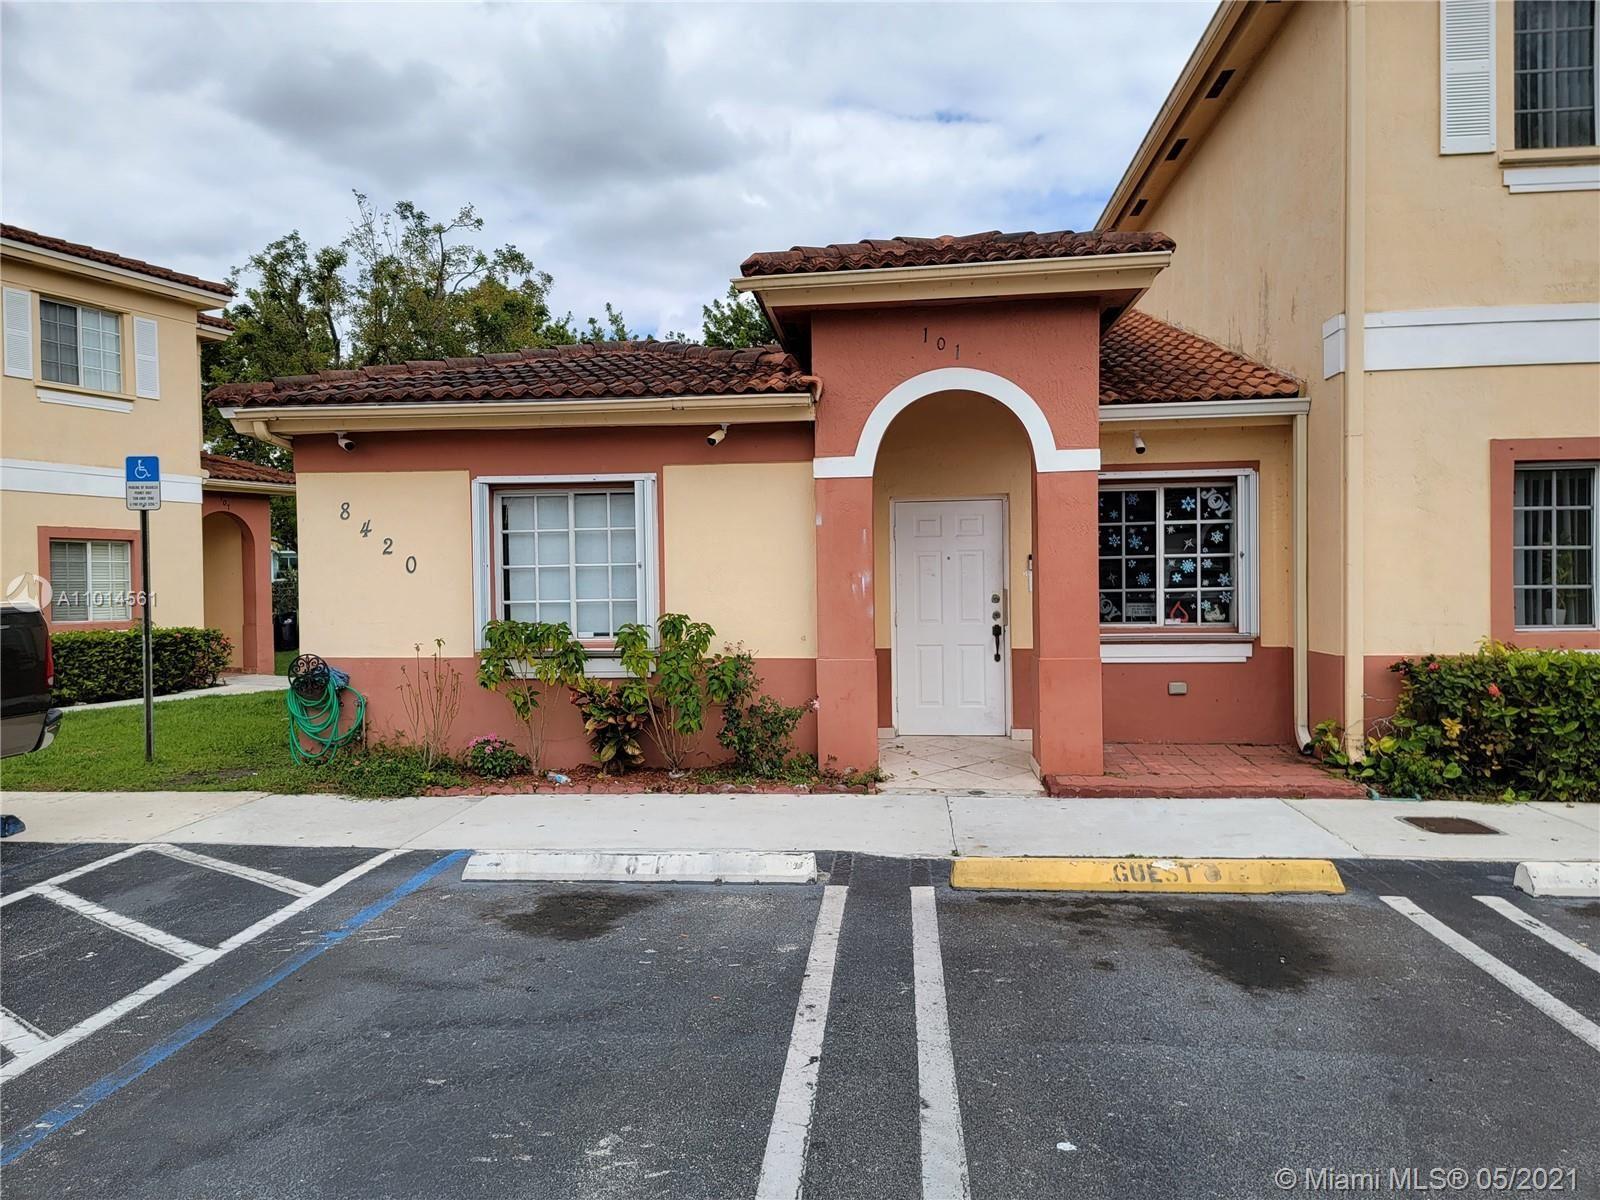 8420 SW 150th Ave #101, Miami, FL 33193 - #: A11014561